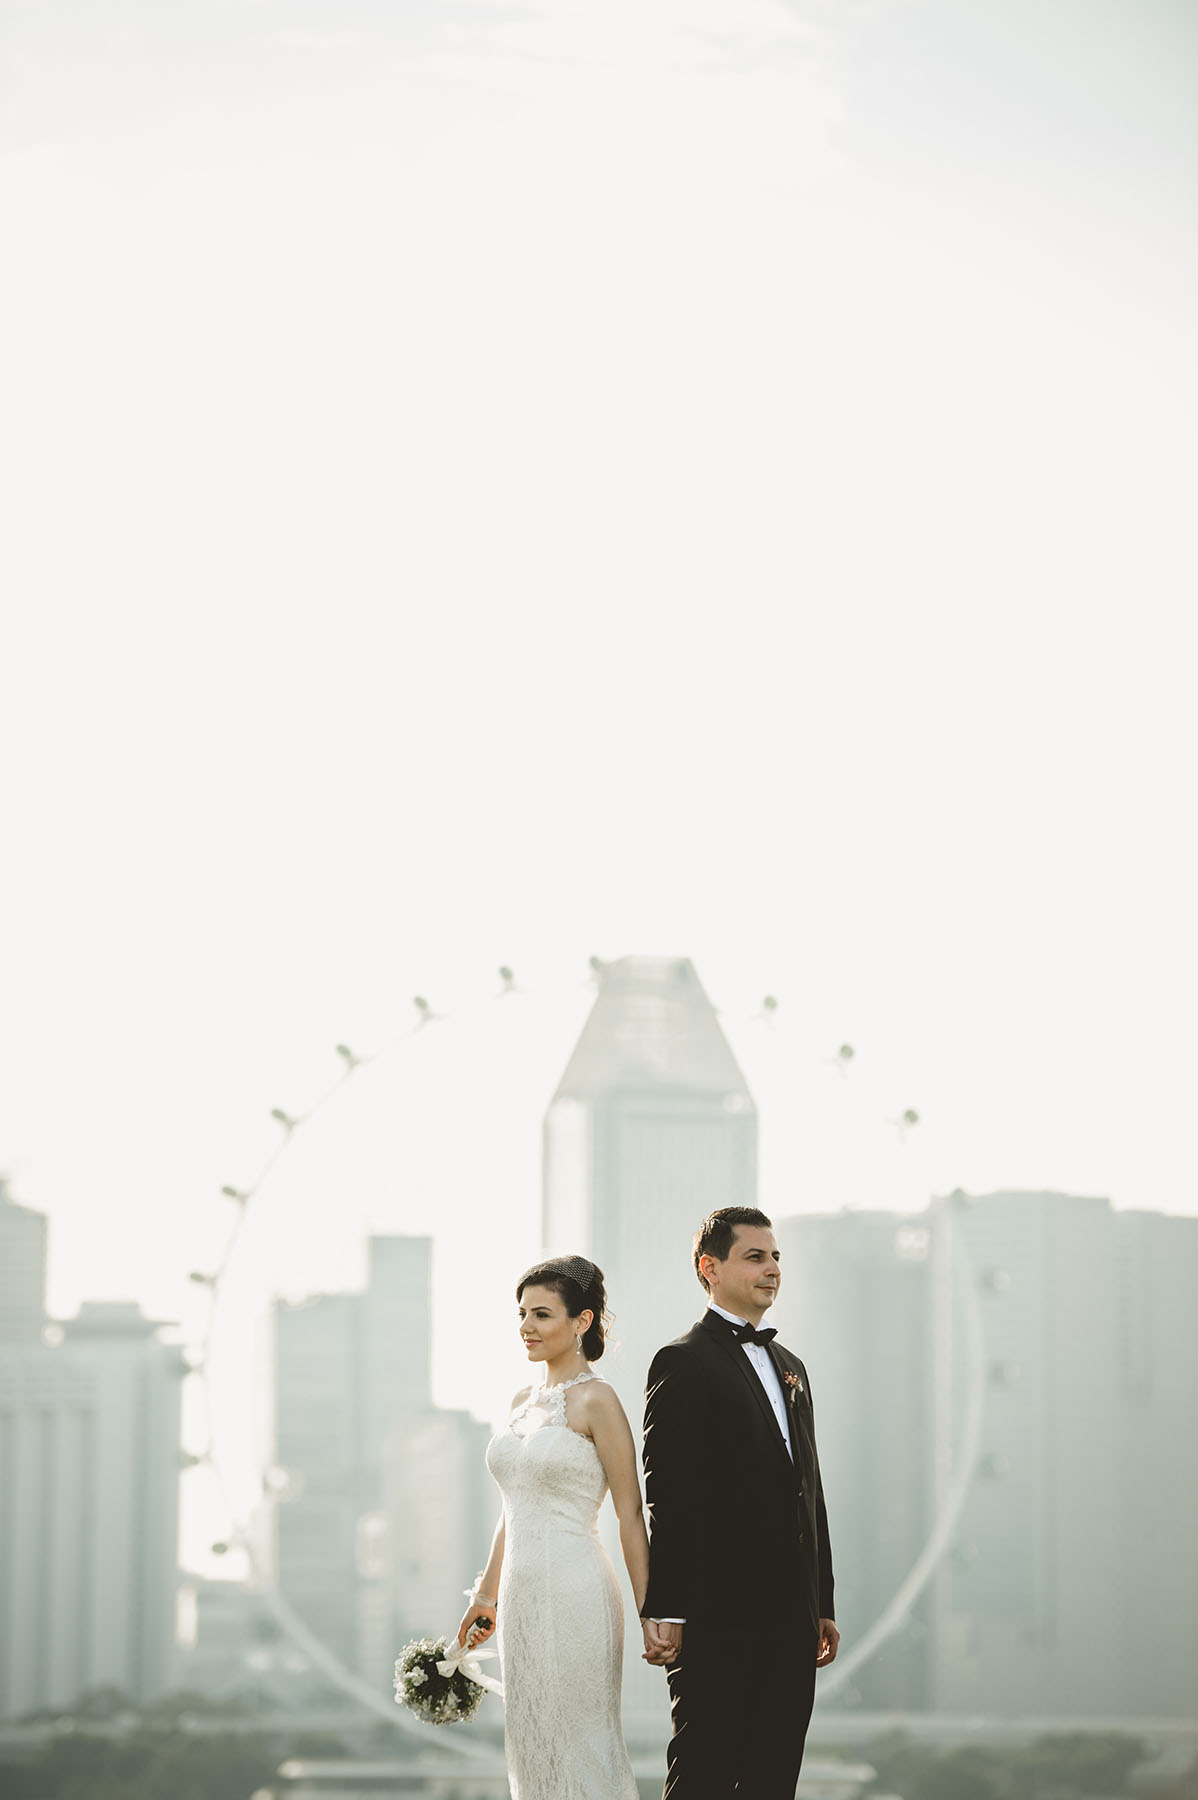 01 Prewedding Marina Barrage 00007a.JPG